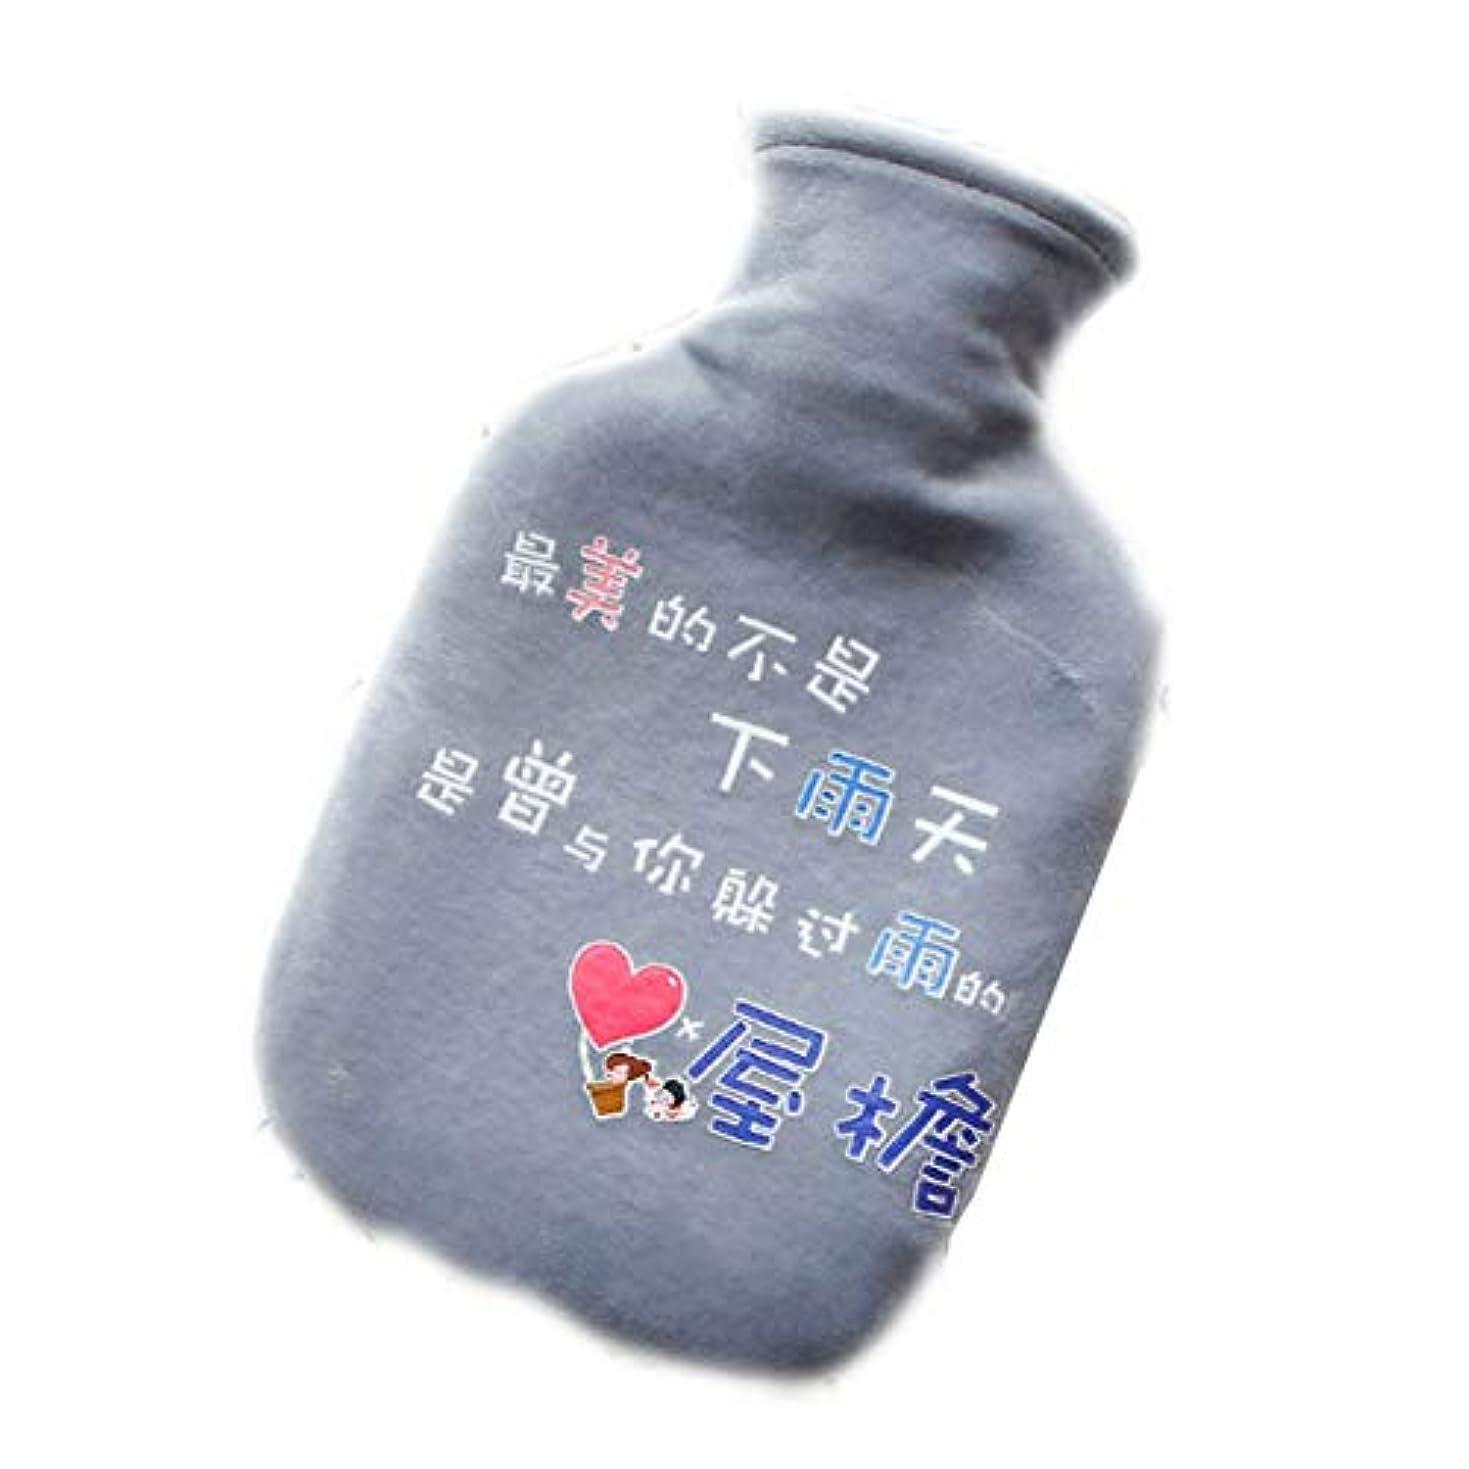 手首南極子供っぽいかわいい湯たんぽミニハンドウォーマー750ミリリットルの学生女性の温水バッグ